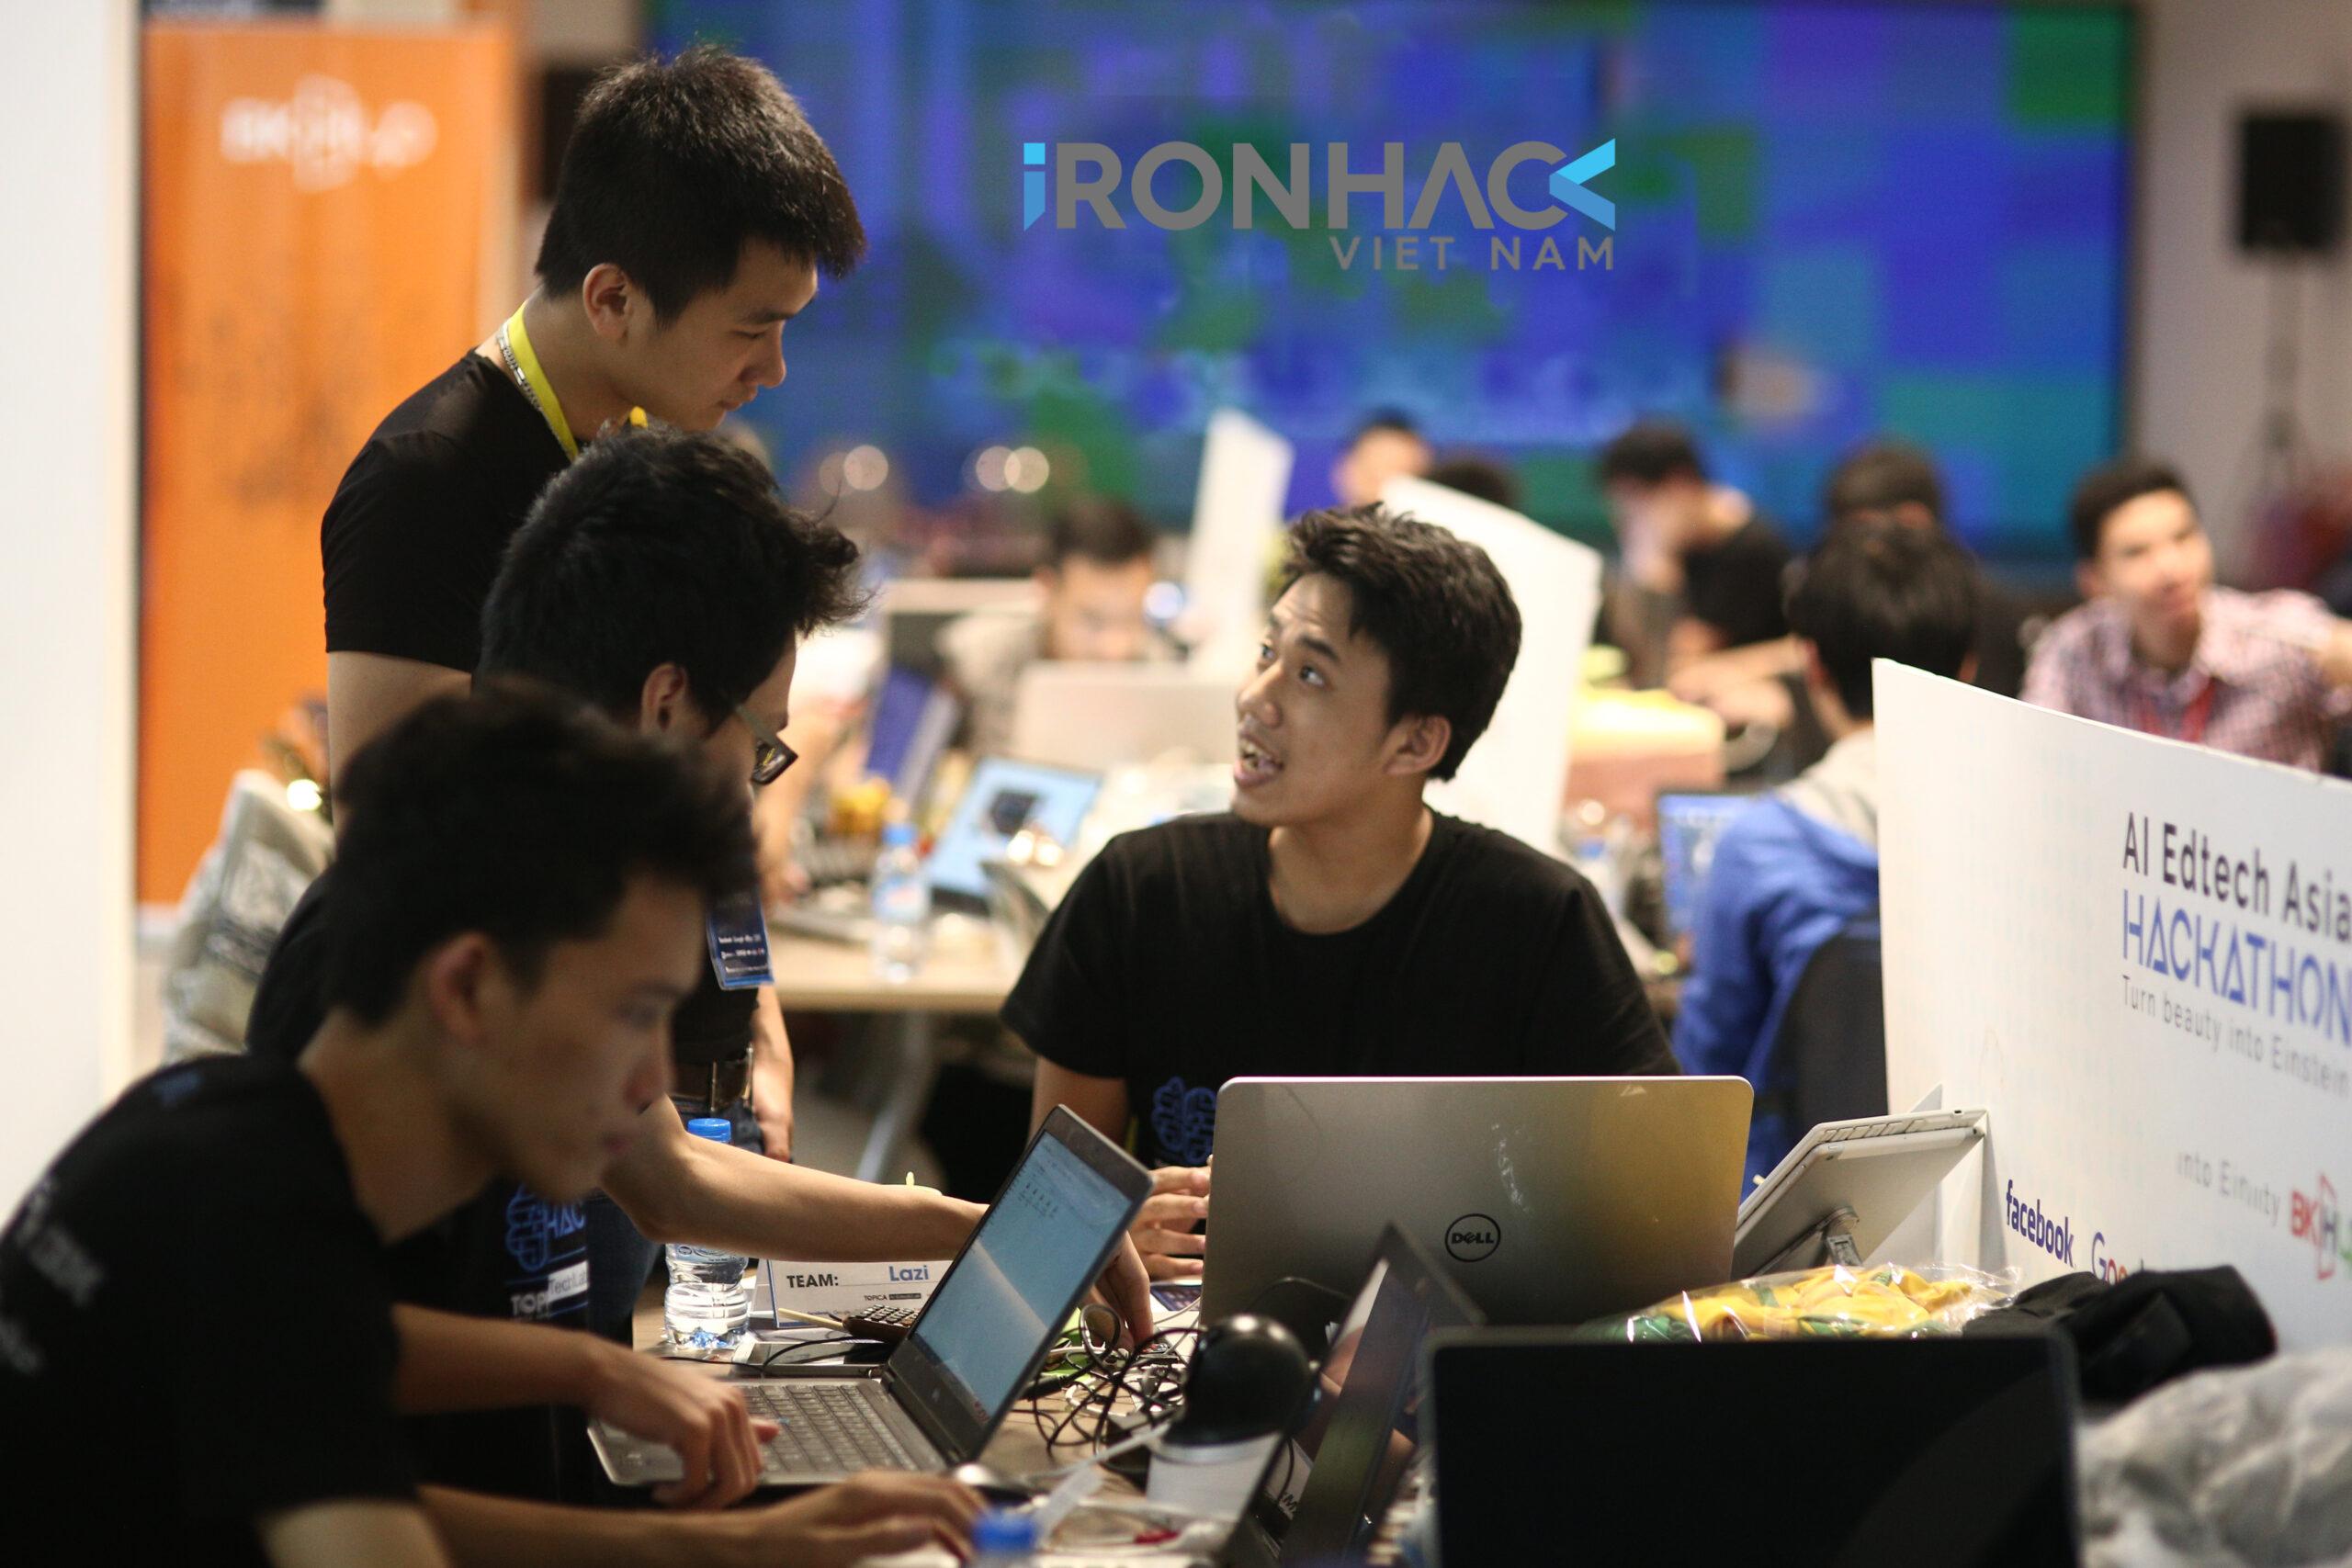 Học viên Ironhack Việt Nam học Coding Bootcamp